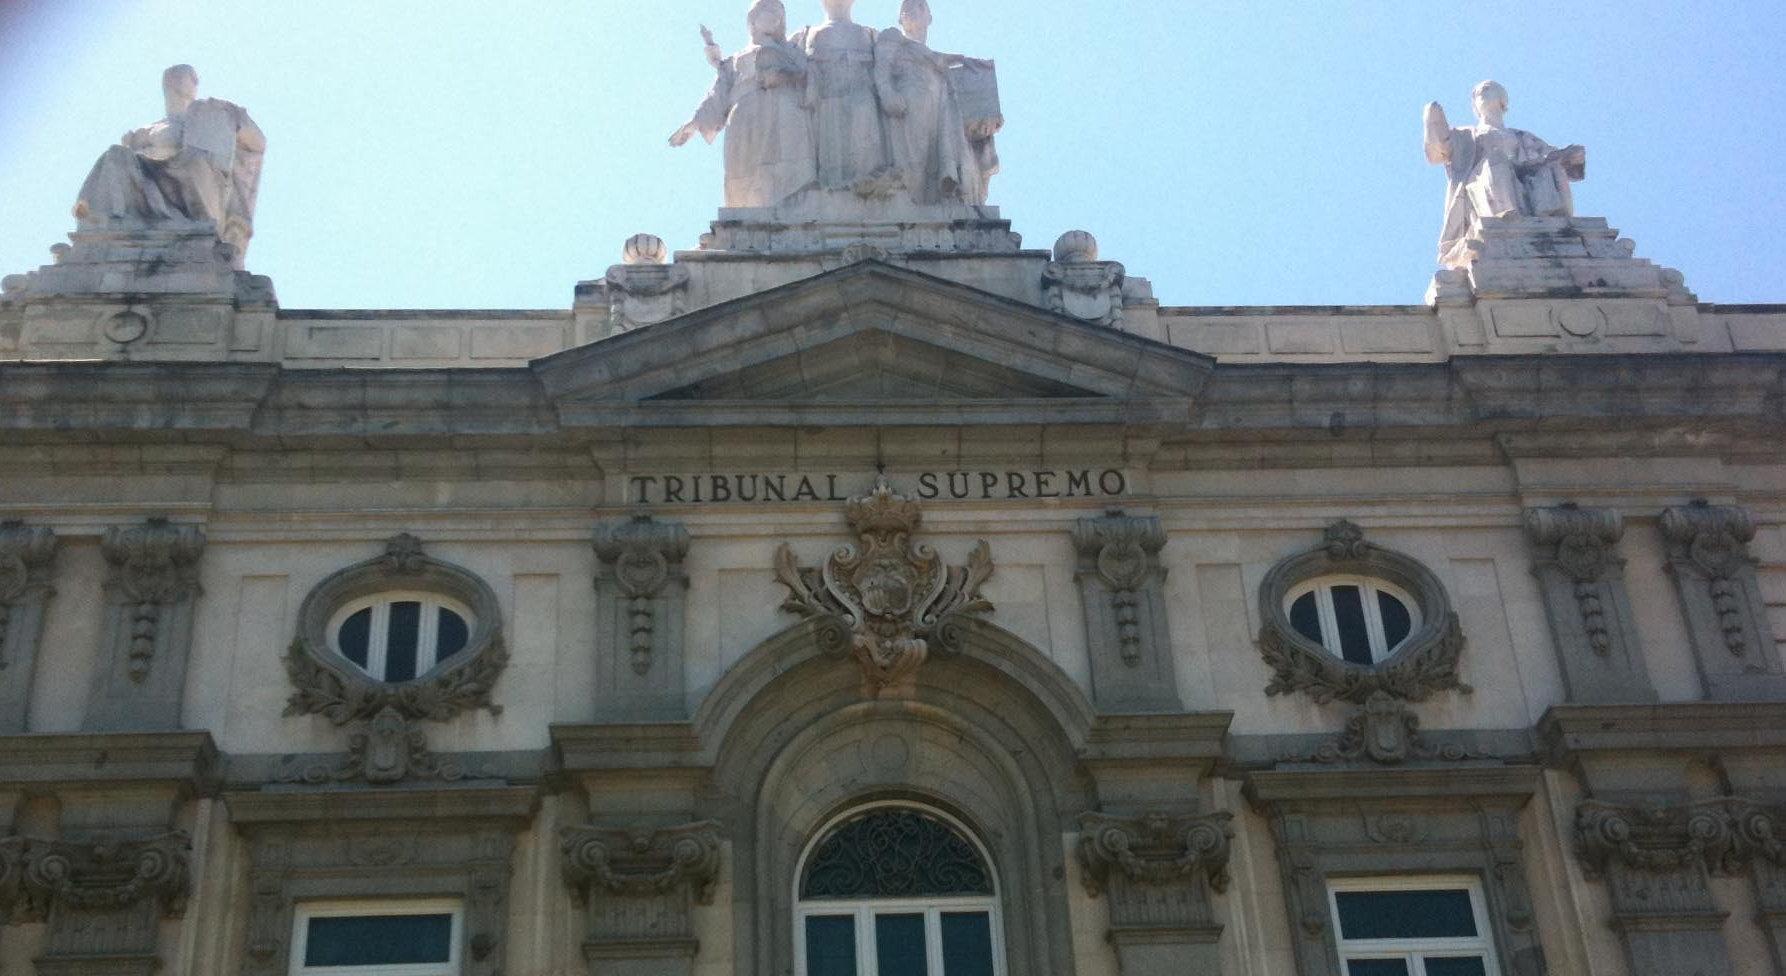 El tribunal supremo no revisar las sentencias firmes for Clausula suelo tribunal supremo hoy